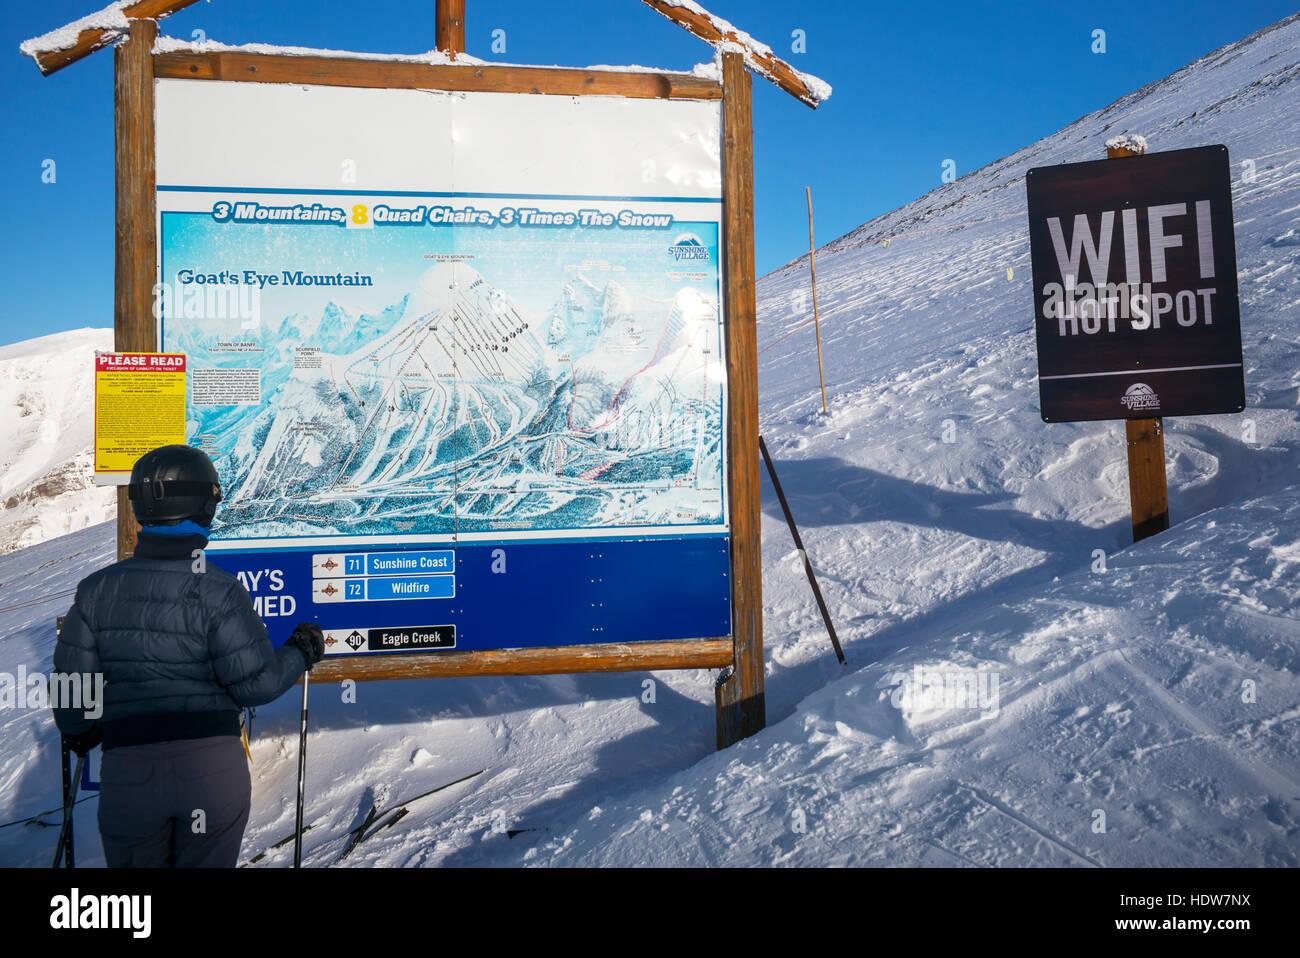 Ein Skifahrer steht Blick auf eine Karte des Skigebietes Sunshine Village mit einem WiFi-Hotspot Schild daneben Stockbild